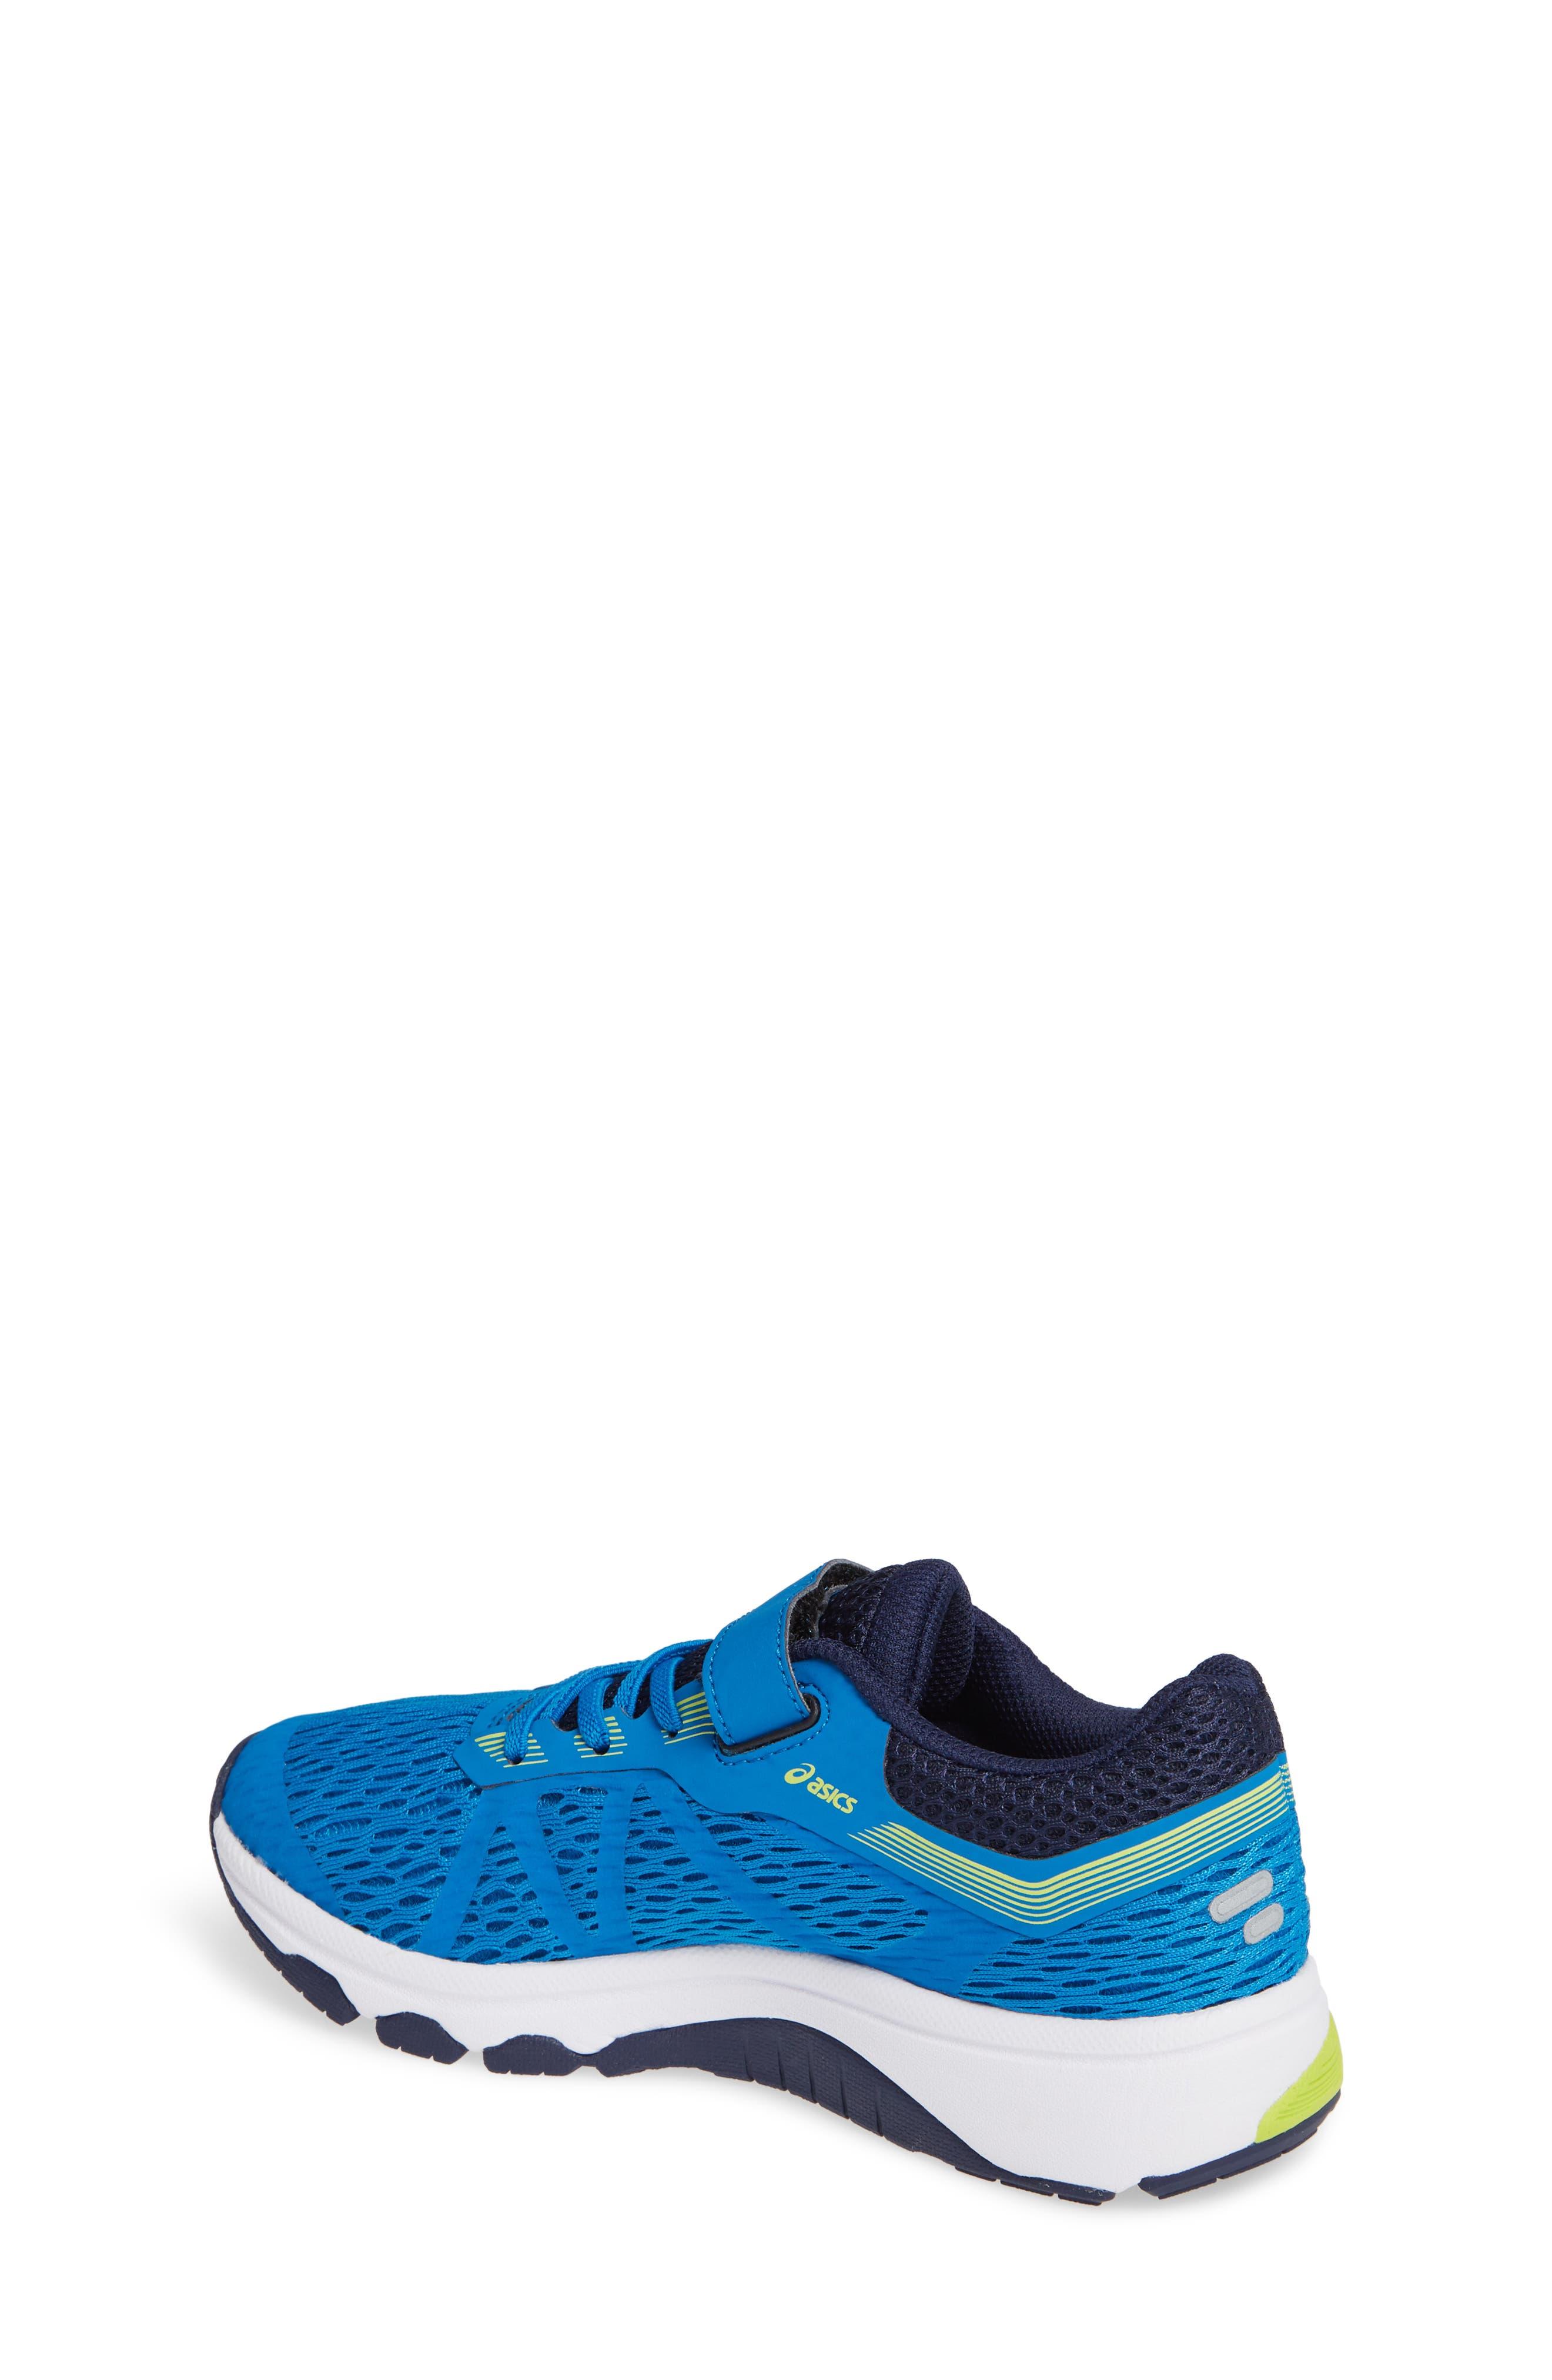 f4f71d54a623 Girls  Running Shoes